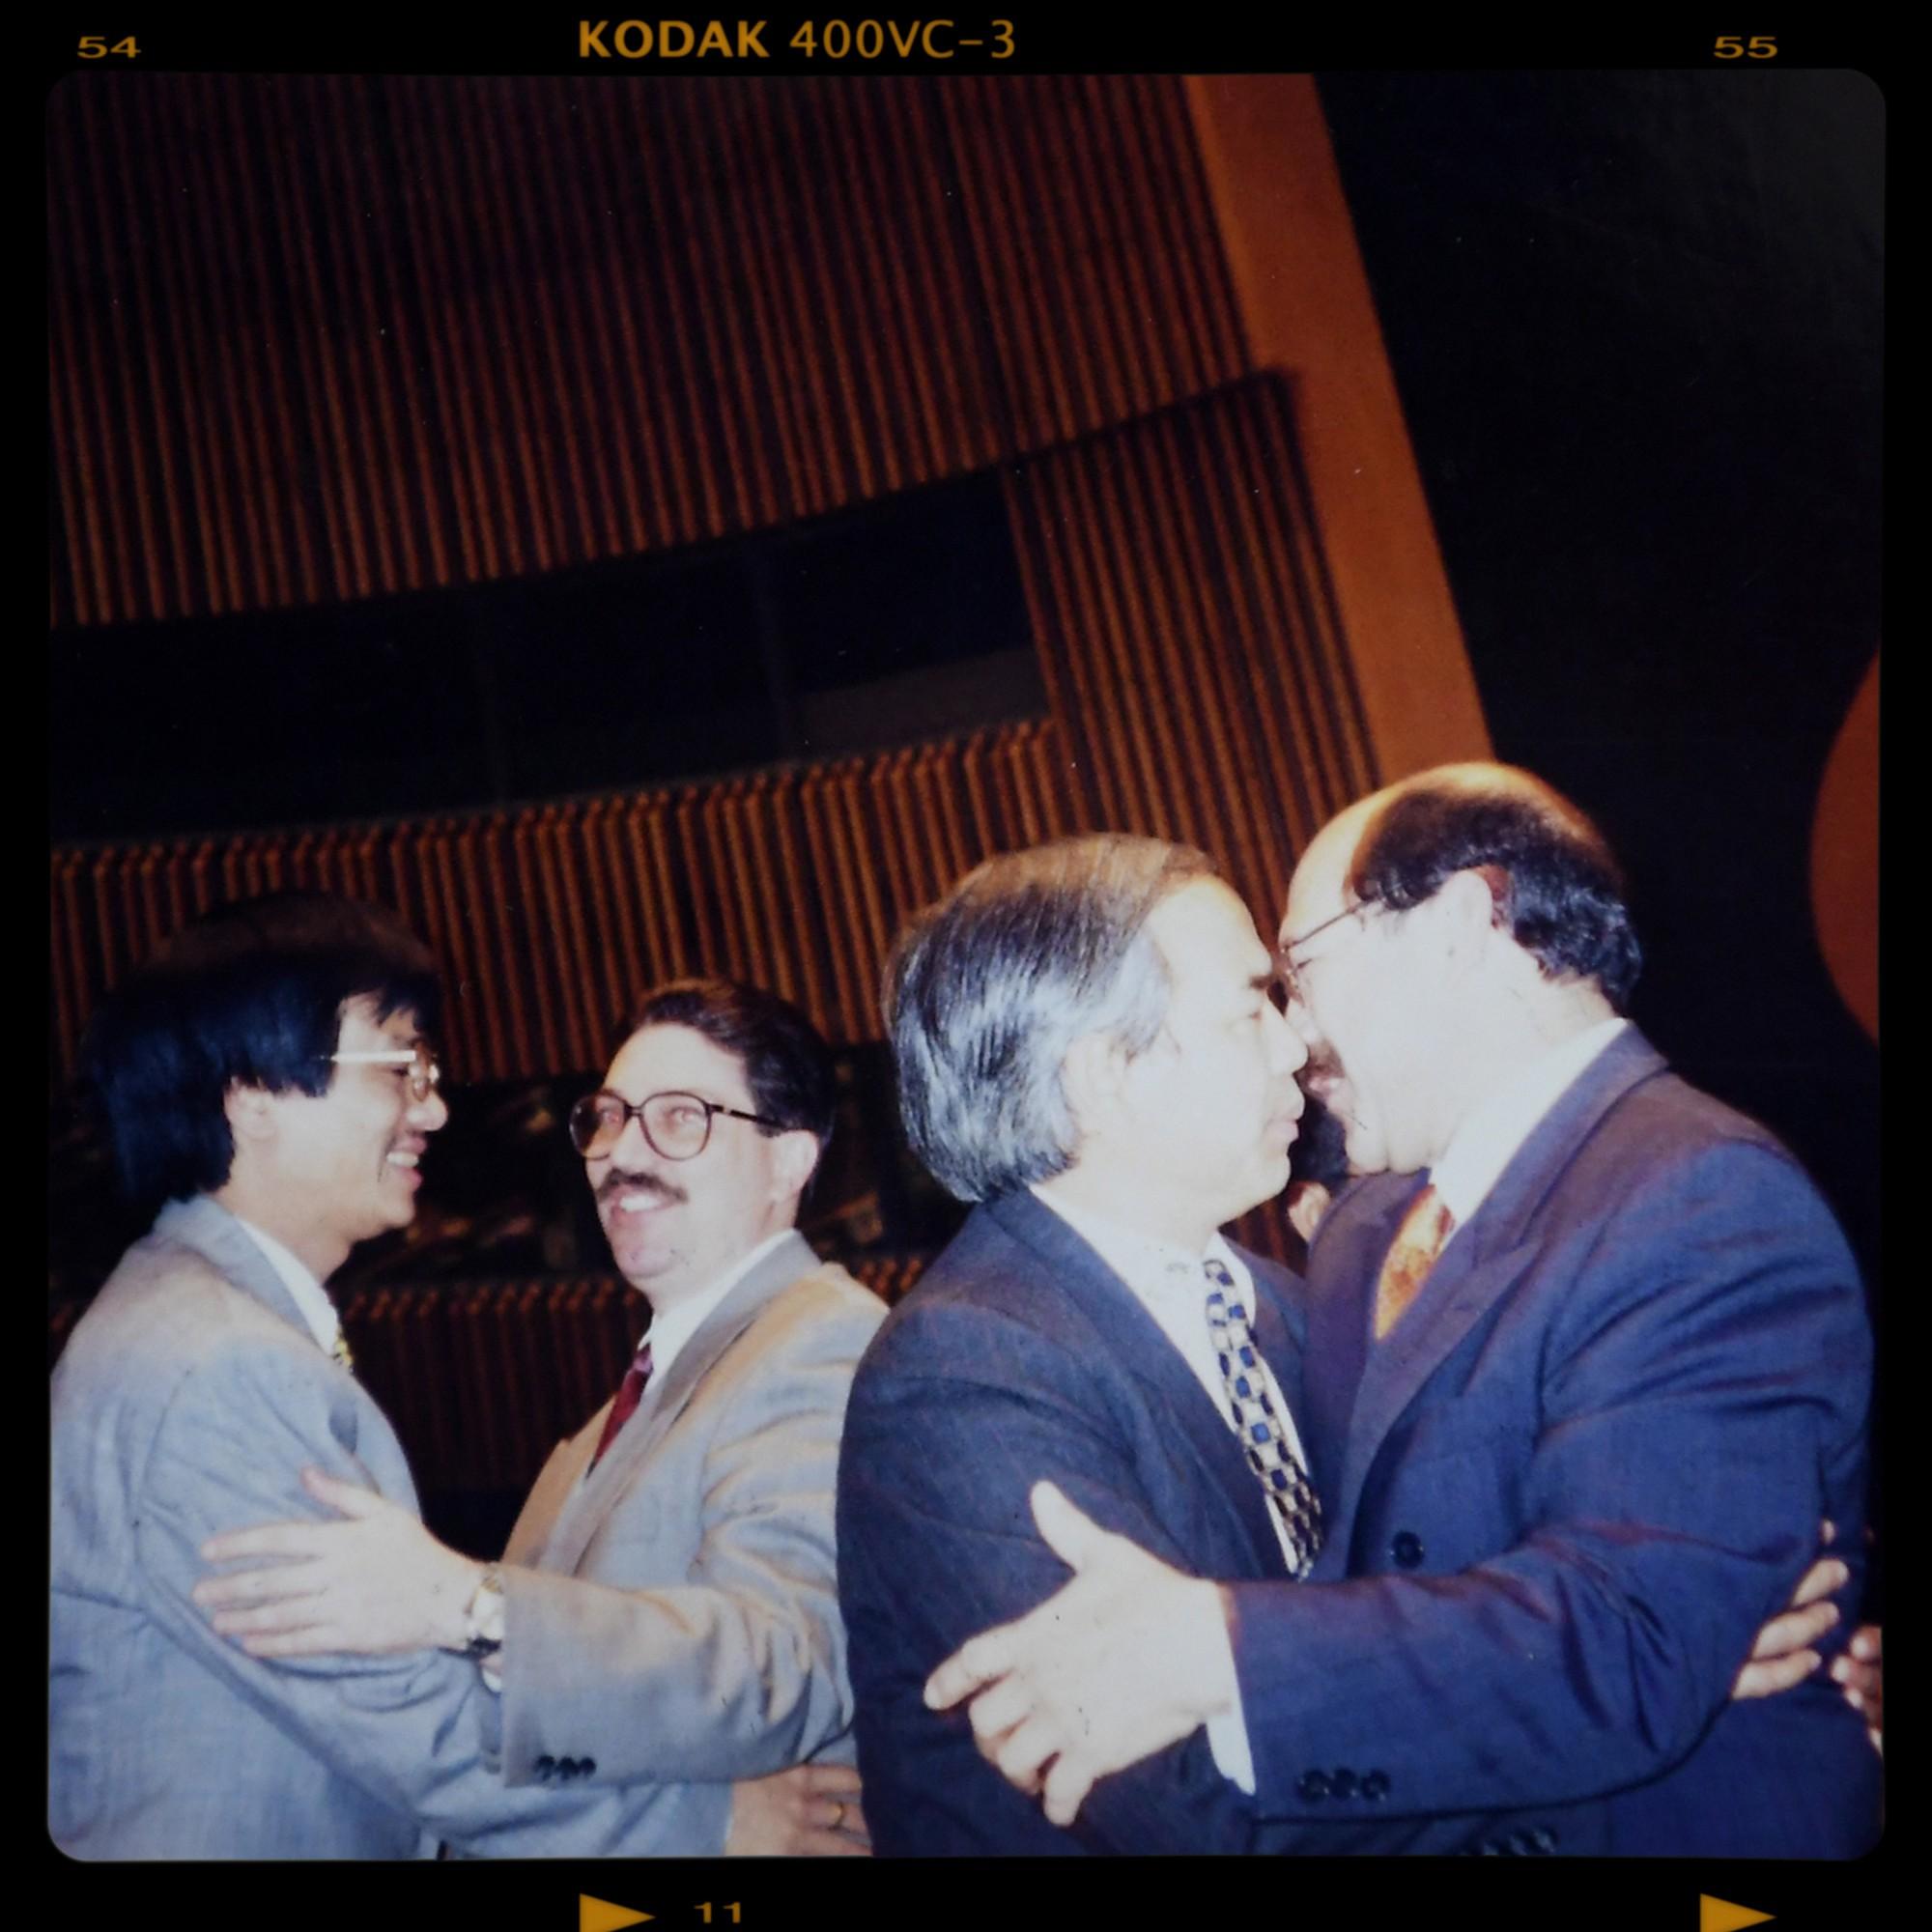 """Nước mắt Đại sứ Việt Nam trên đất Mỹ và hành trình 10 năm """"xếp gạch"""" vào Hội đồng bảo an Liên Hợp Quốc - Ảnh 10."""